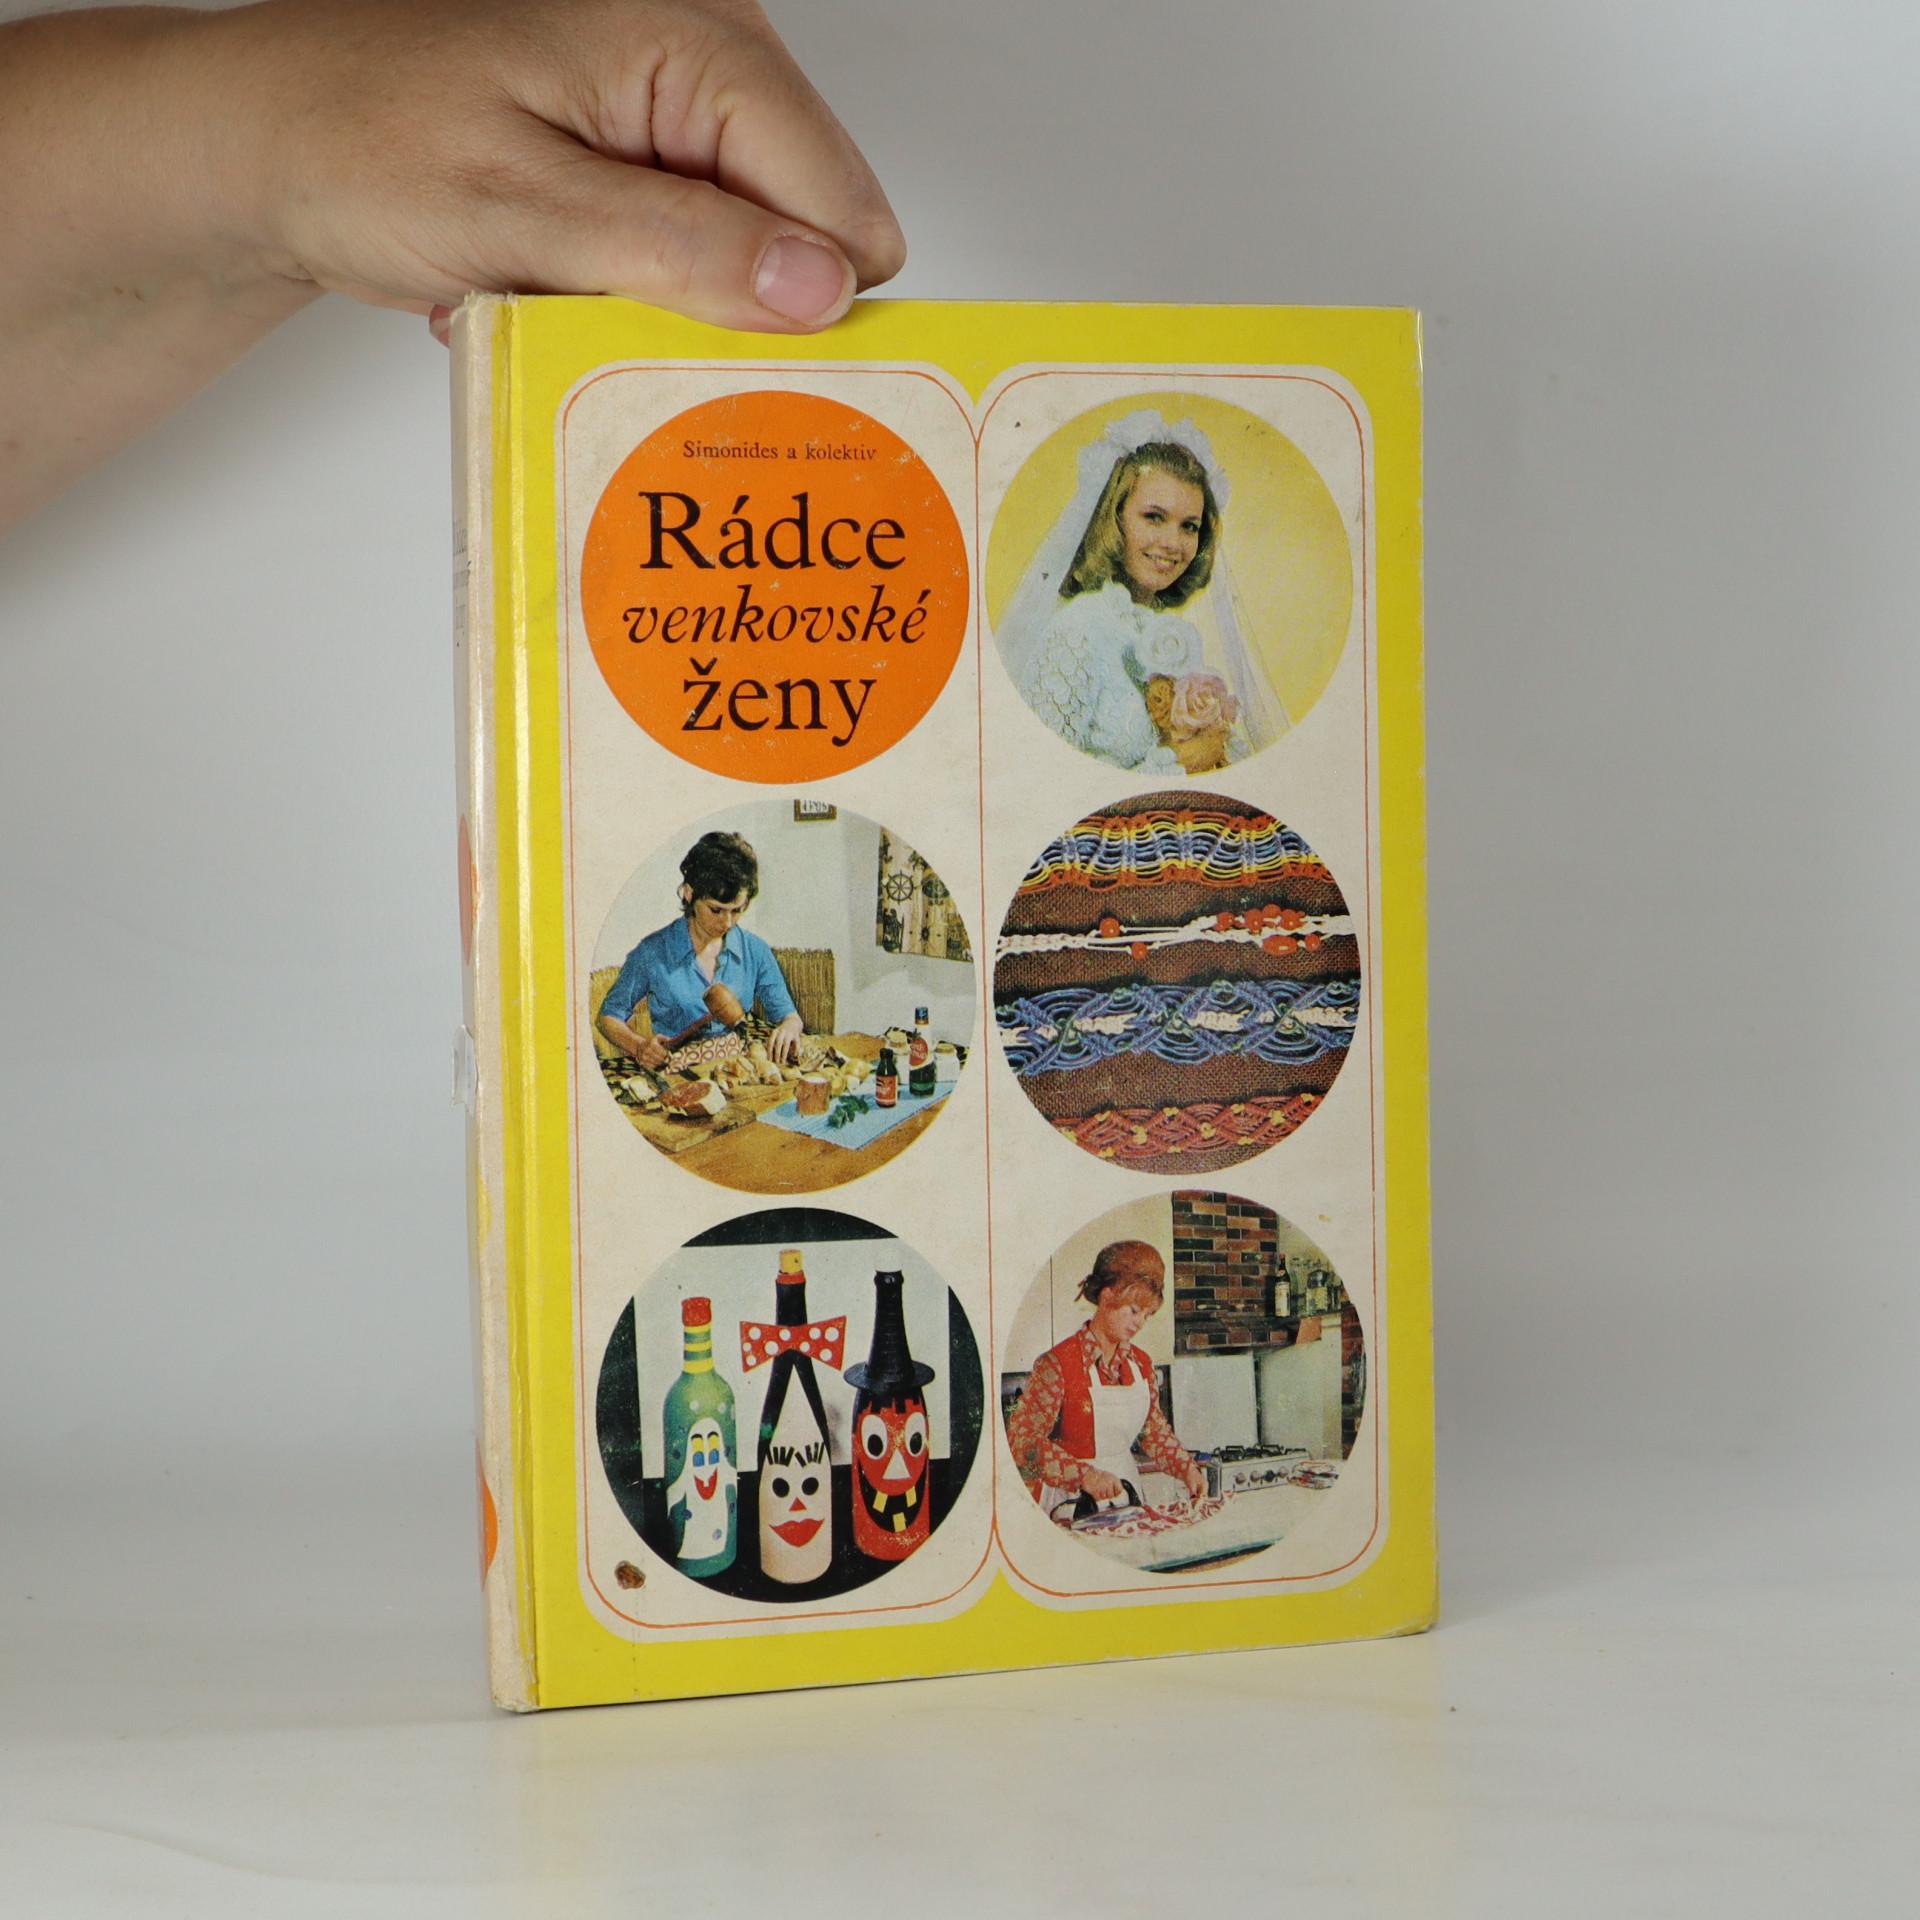 antikvární kniha Rádce venkovské ženy, 1978